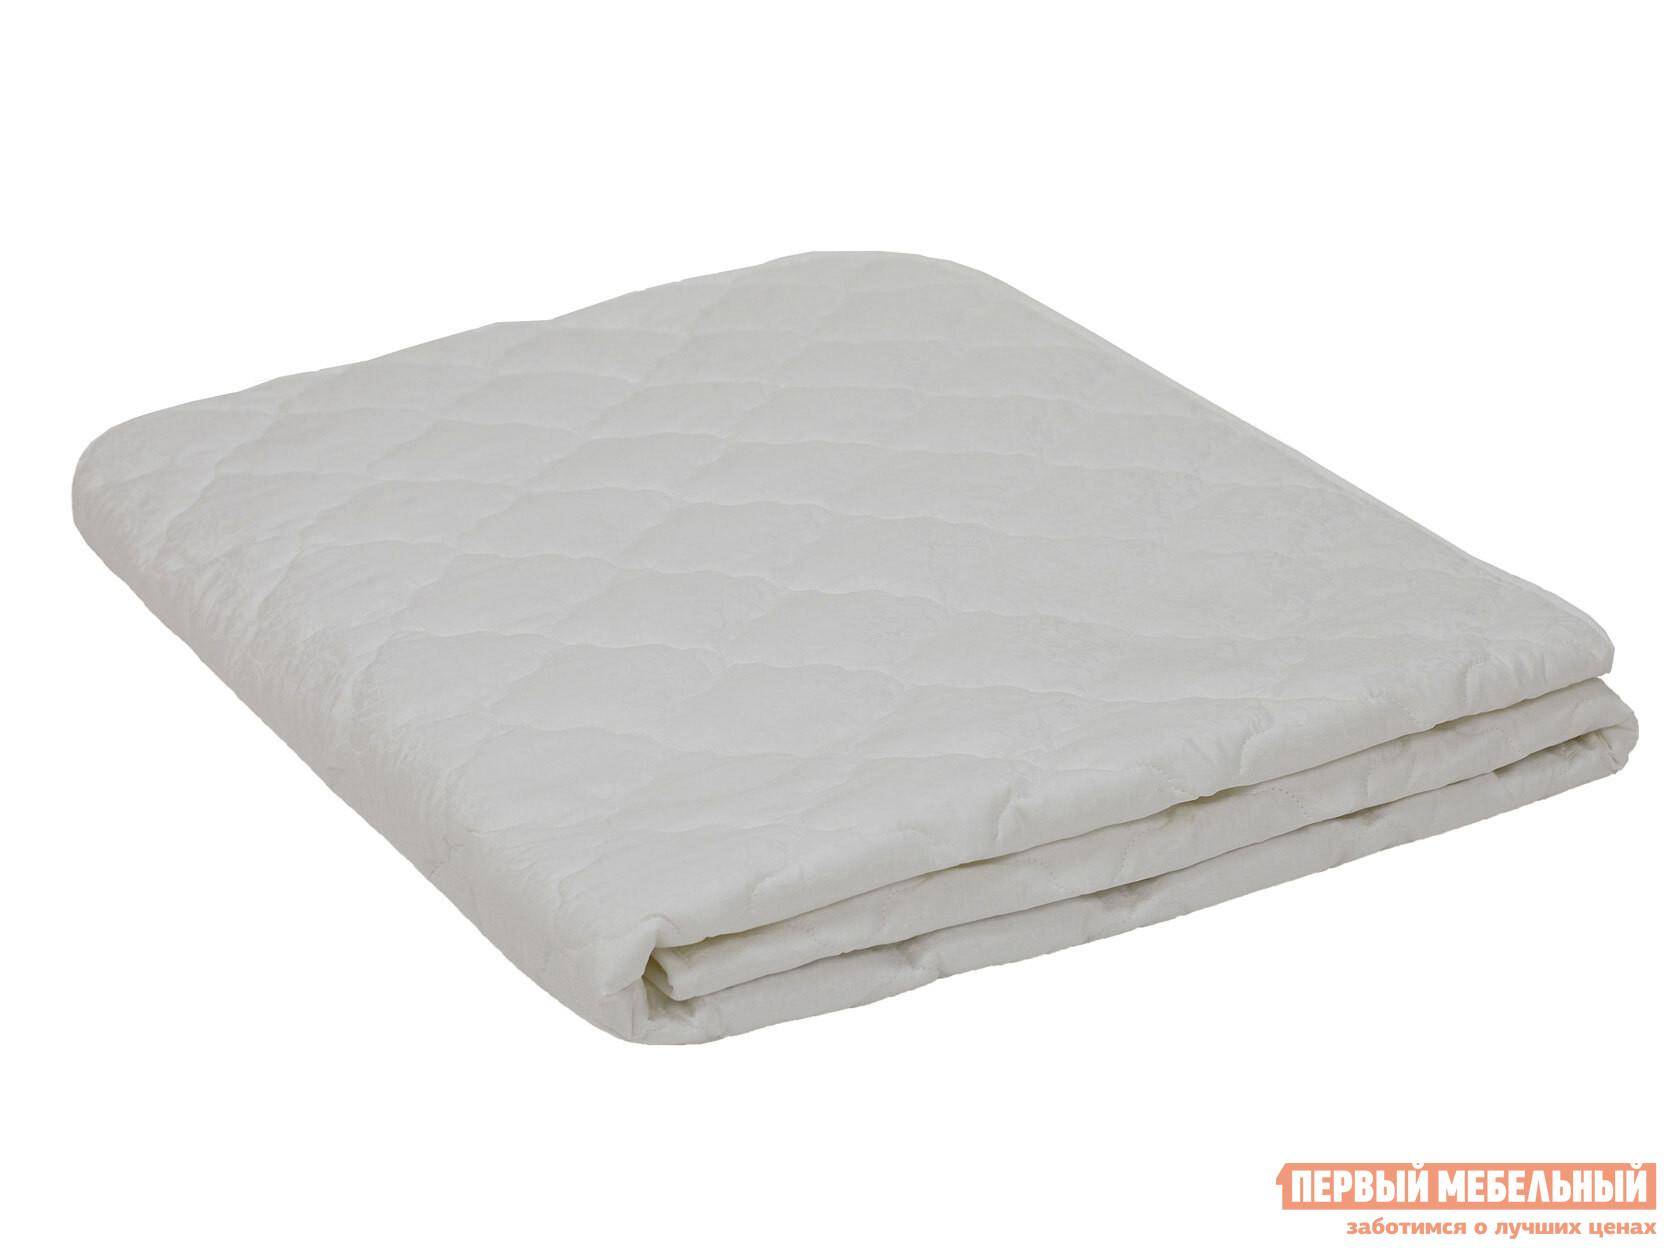 Одеяло Первый Мебельный Одеяло сатин/бамбуковое волокно 200 гр/м2 легкое